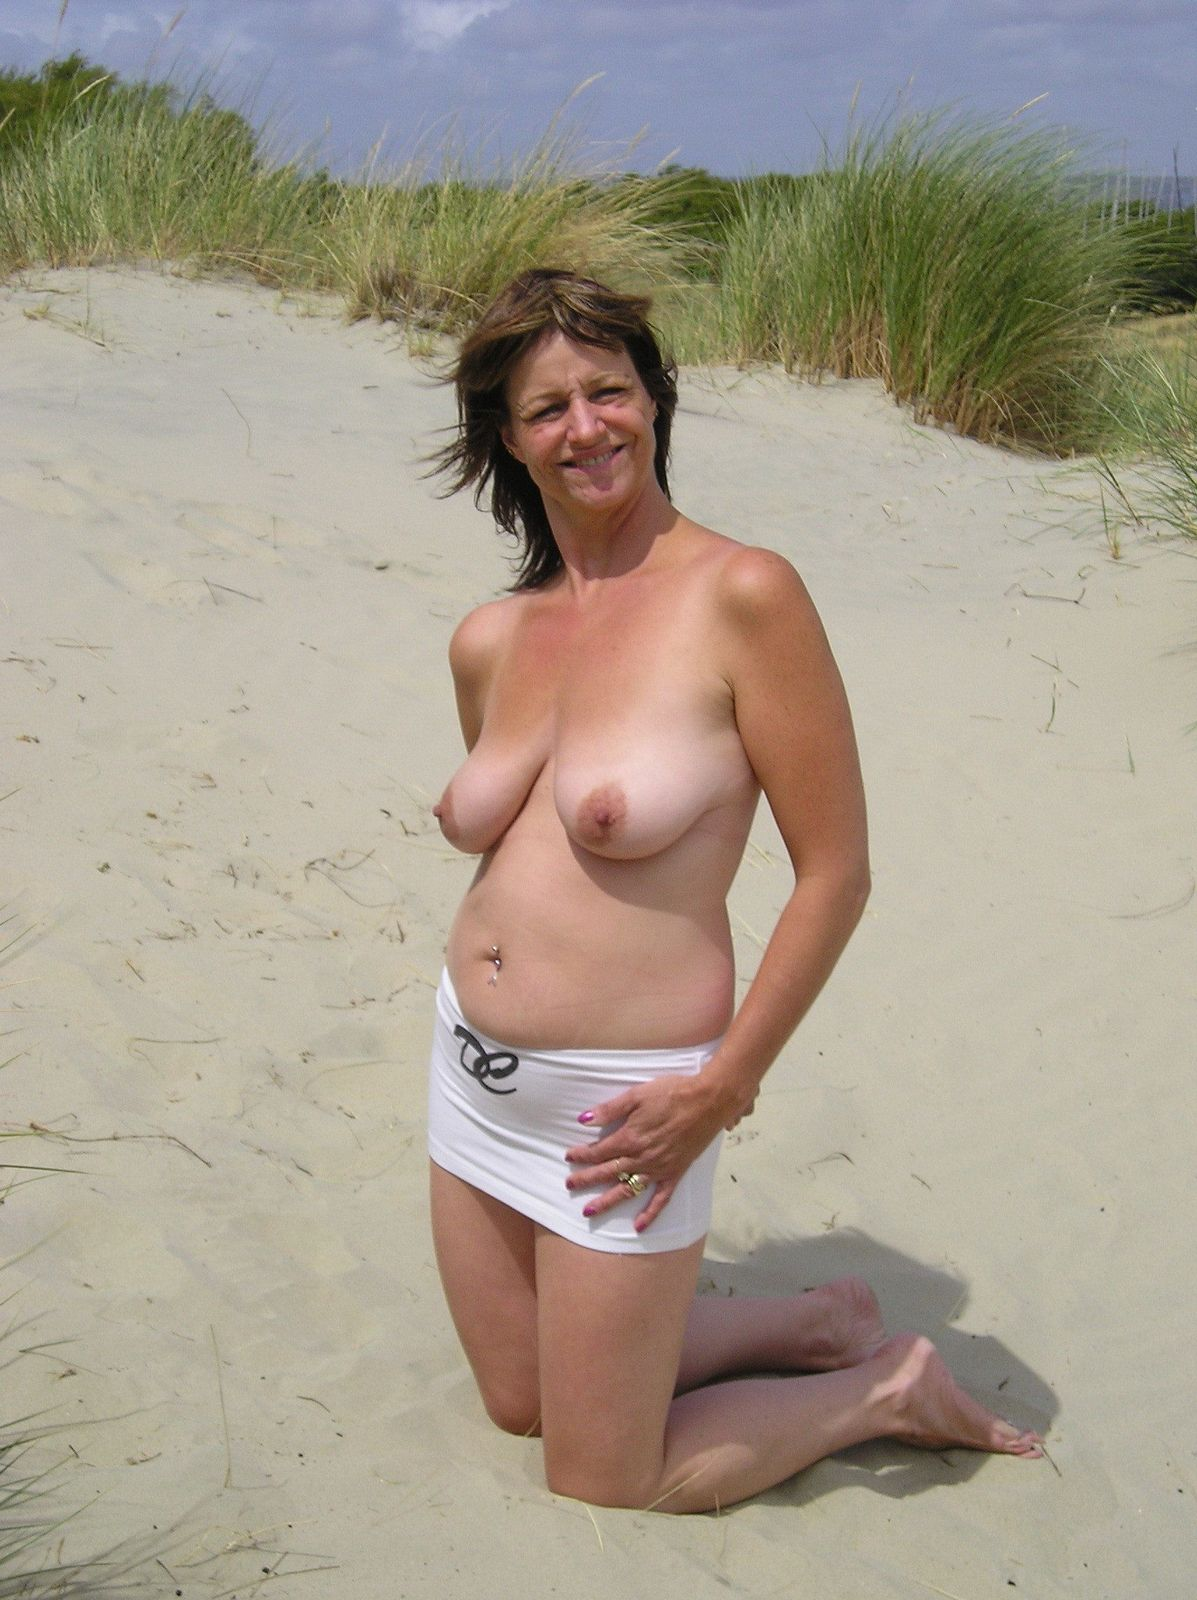 Смотреть Нагие песке онлайн